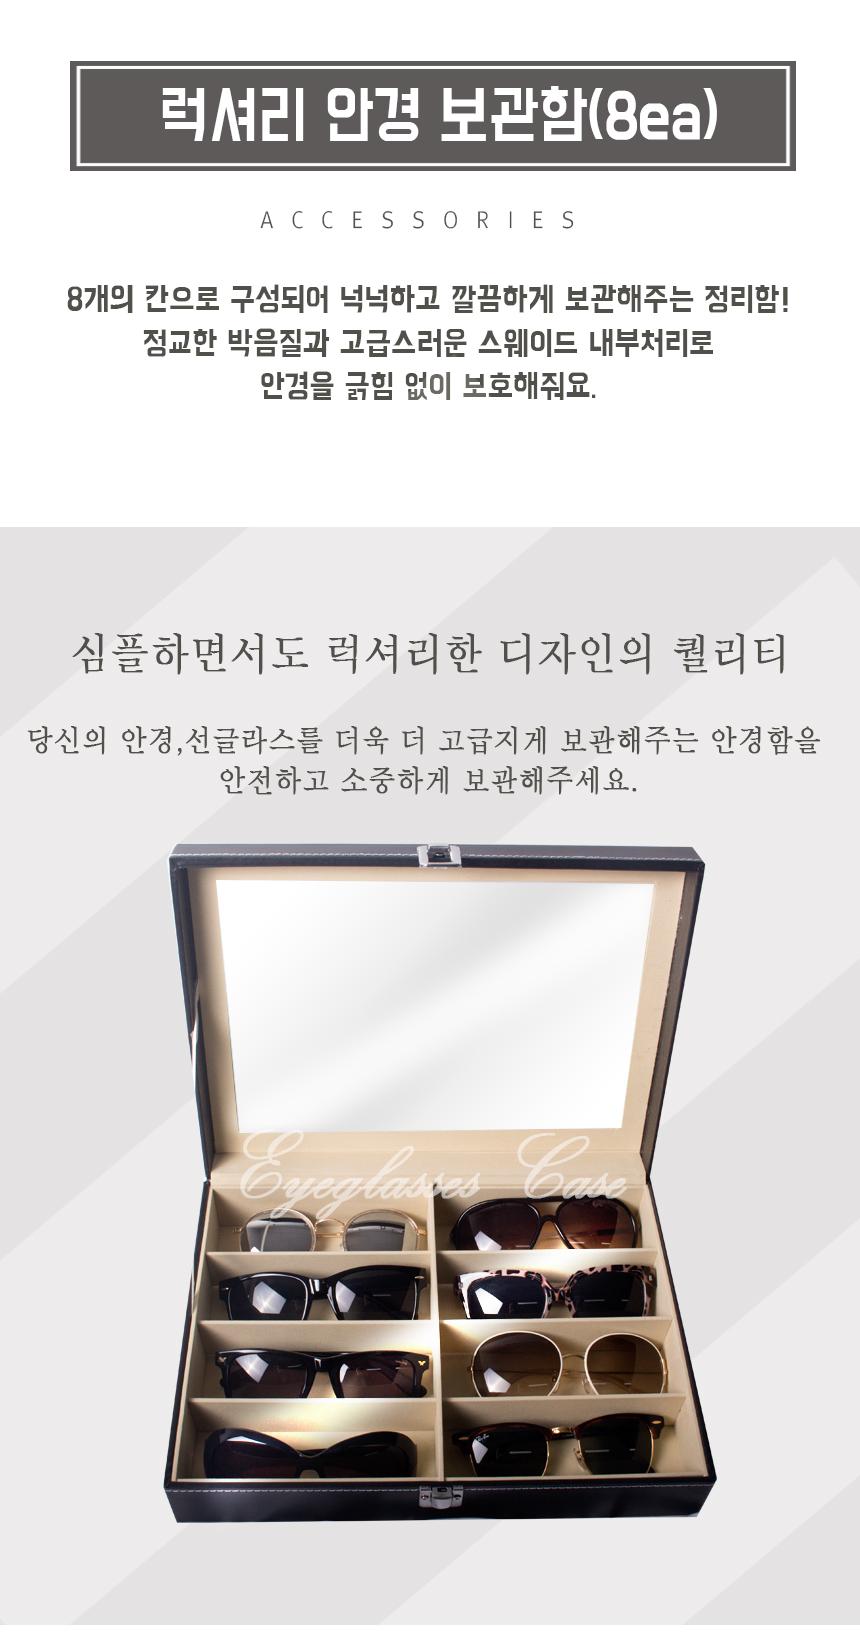 안경보관함8구 - 몽트노블, 10,700원, 보관함/진열대, 주얼리보관함